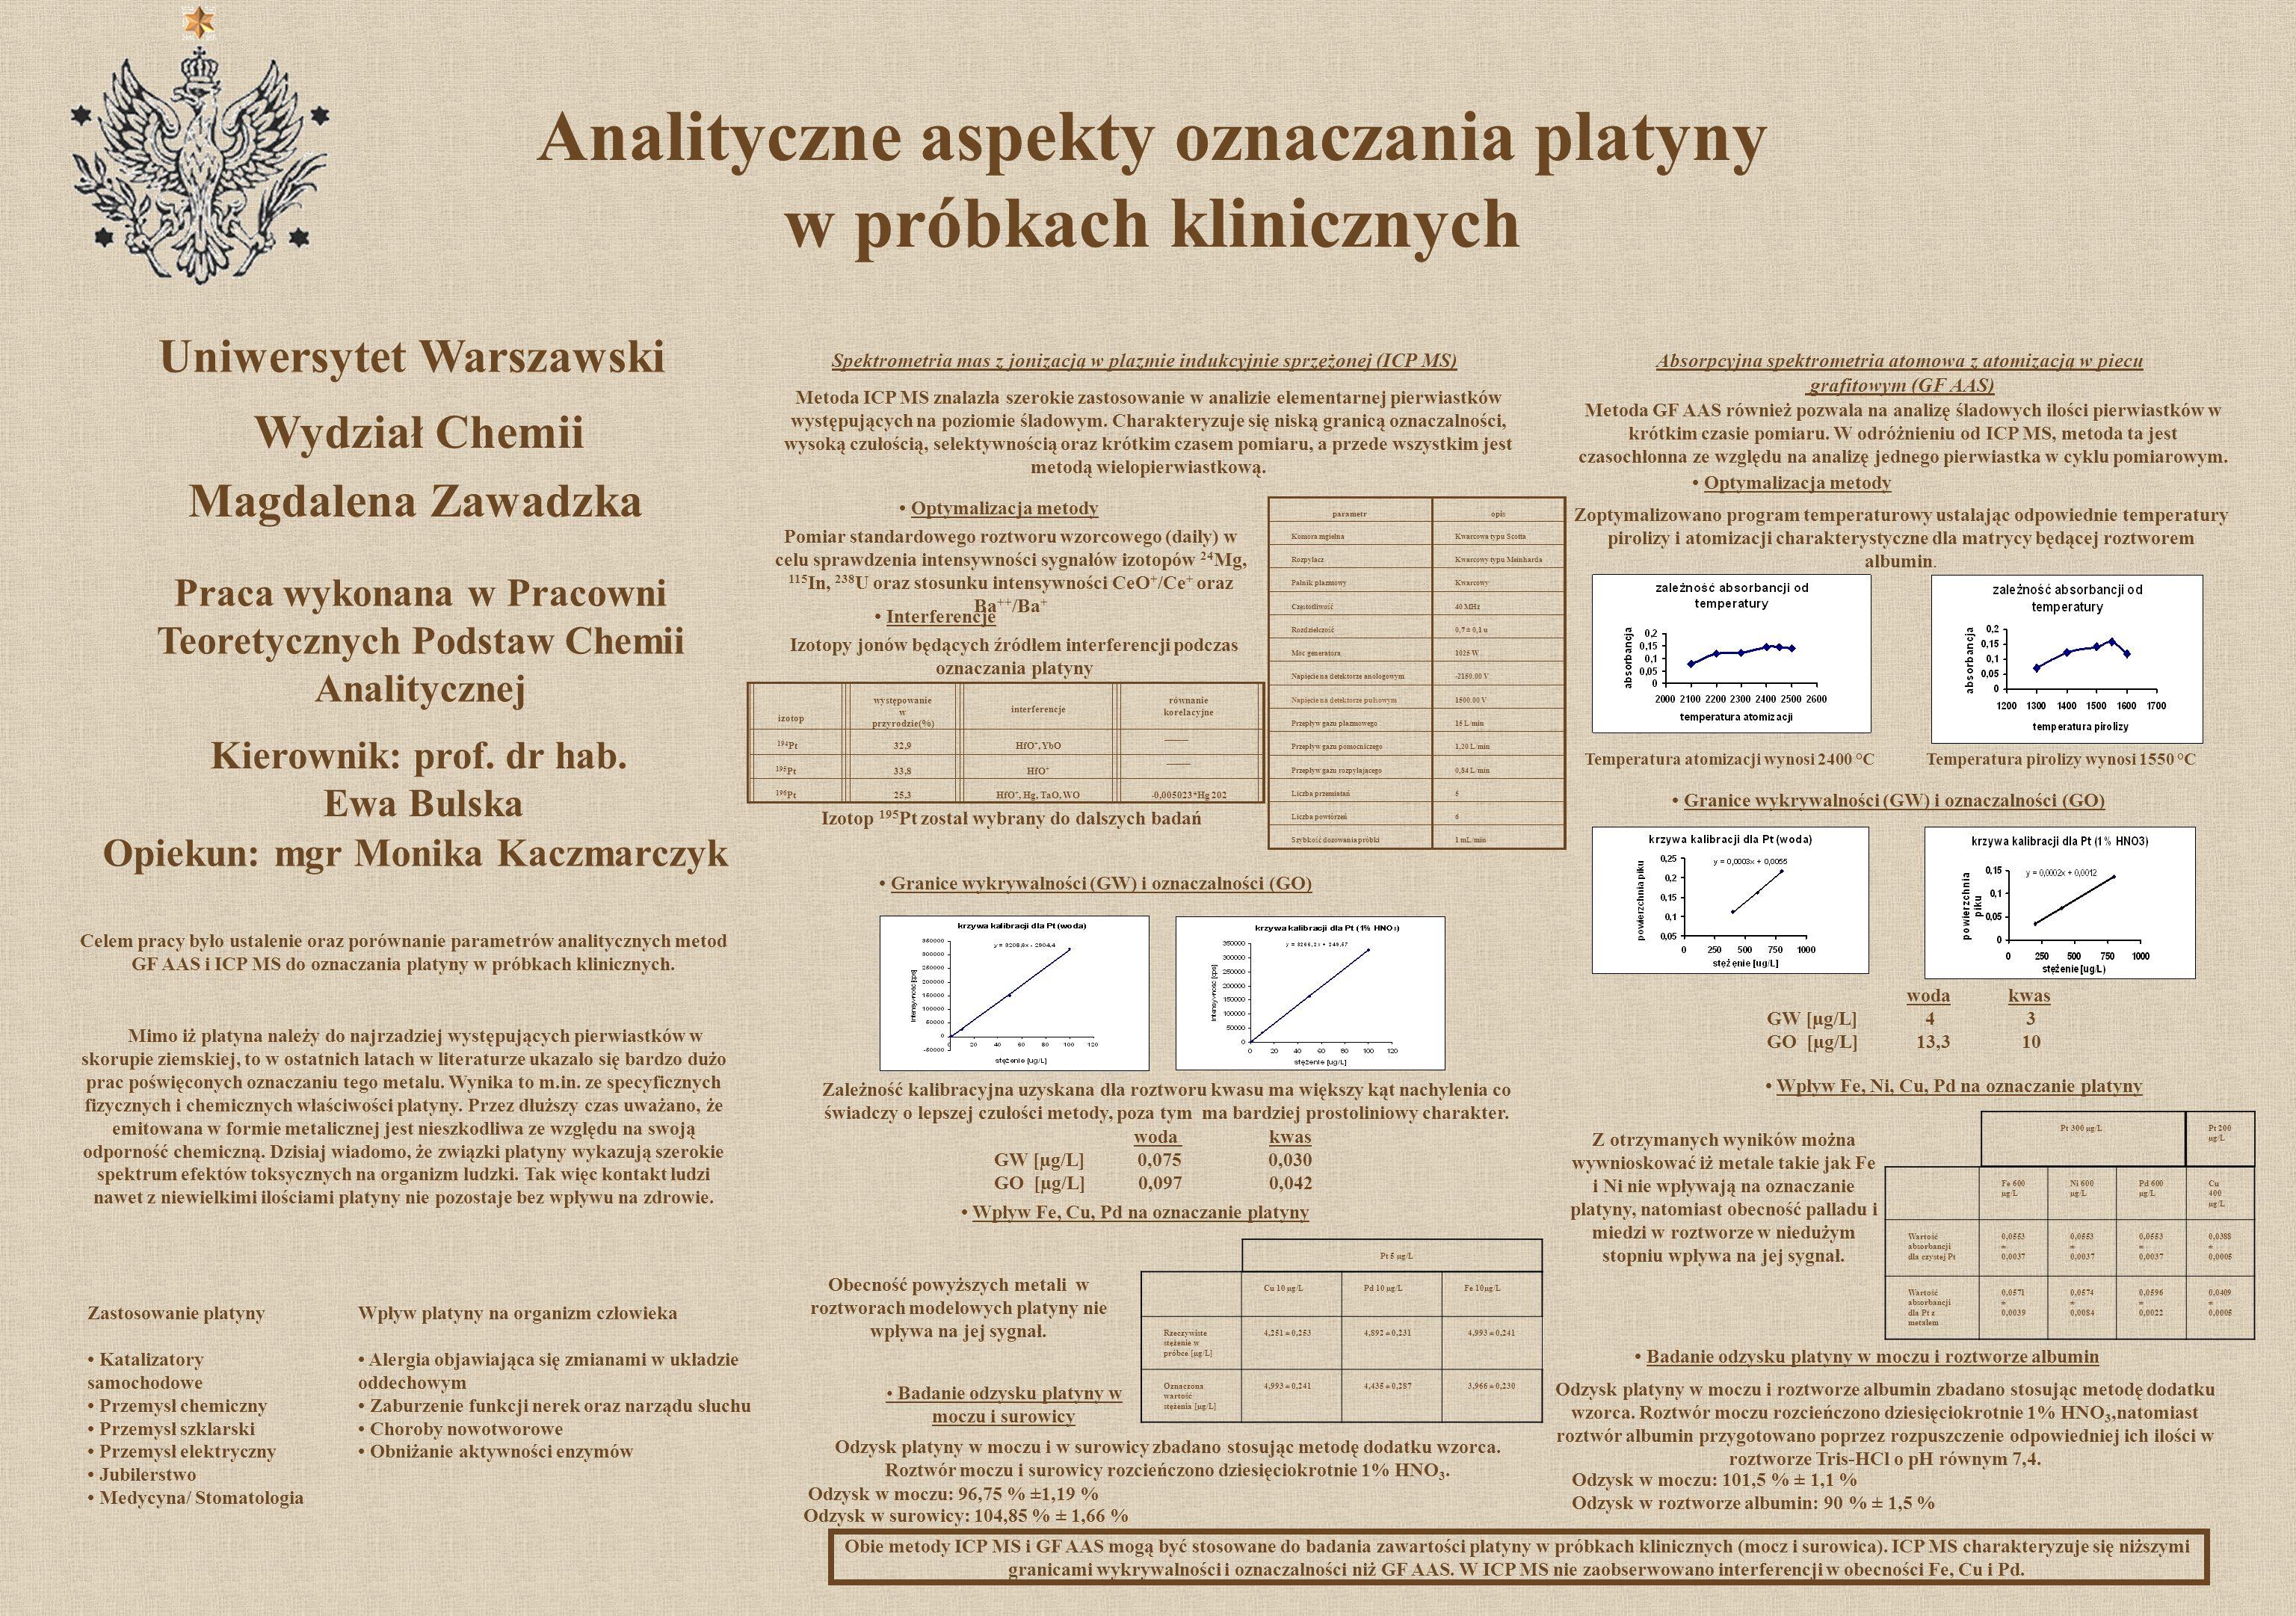 Analityczne aspekty oznaczania platyny w próbkach klinicznych Uniwersytet Warszawski Wydział Chemii Magdalena Zawadzka Spektrometria mas z jonizacją w